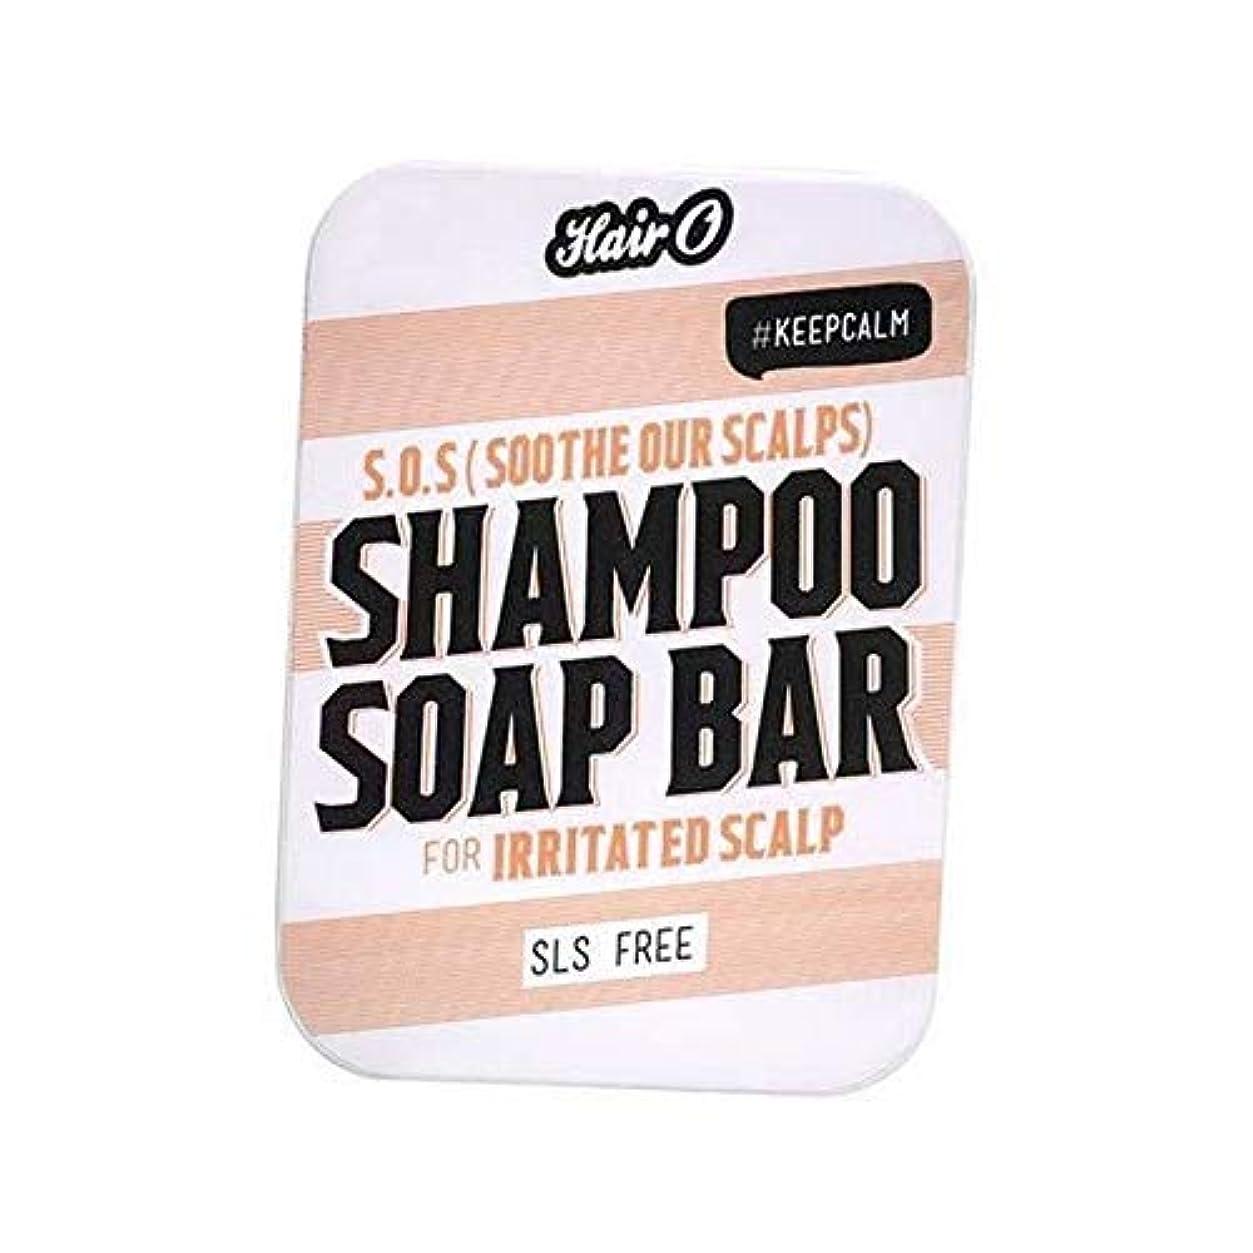 交通レキシコン散歩に行く[Hair O ] S.O.S Oの髪は、私たちの頭皮シャンプー石鹸バー100グラムを落ち着かせます - Hair O S.O.S Soothe Our Scalps Shampoo Soap Bar 100g [並行輸入品]